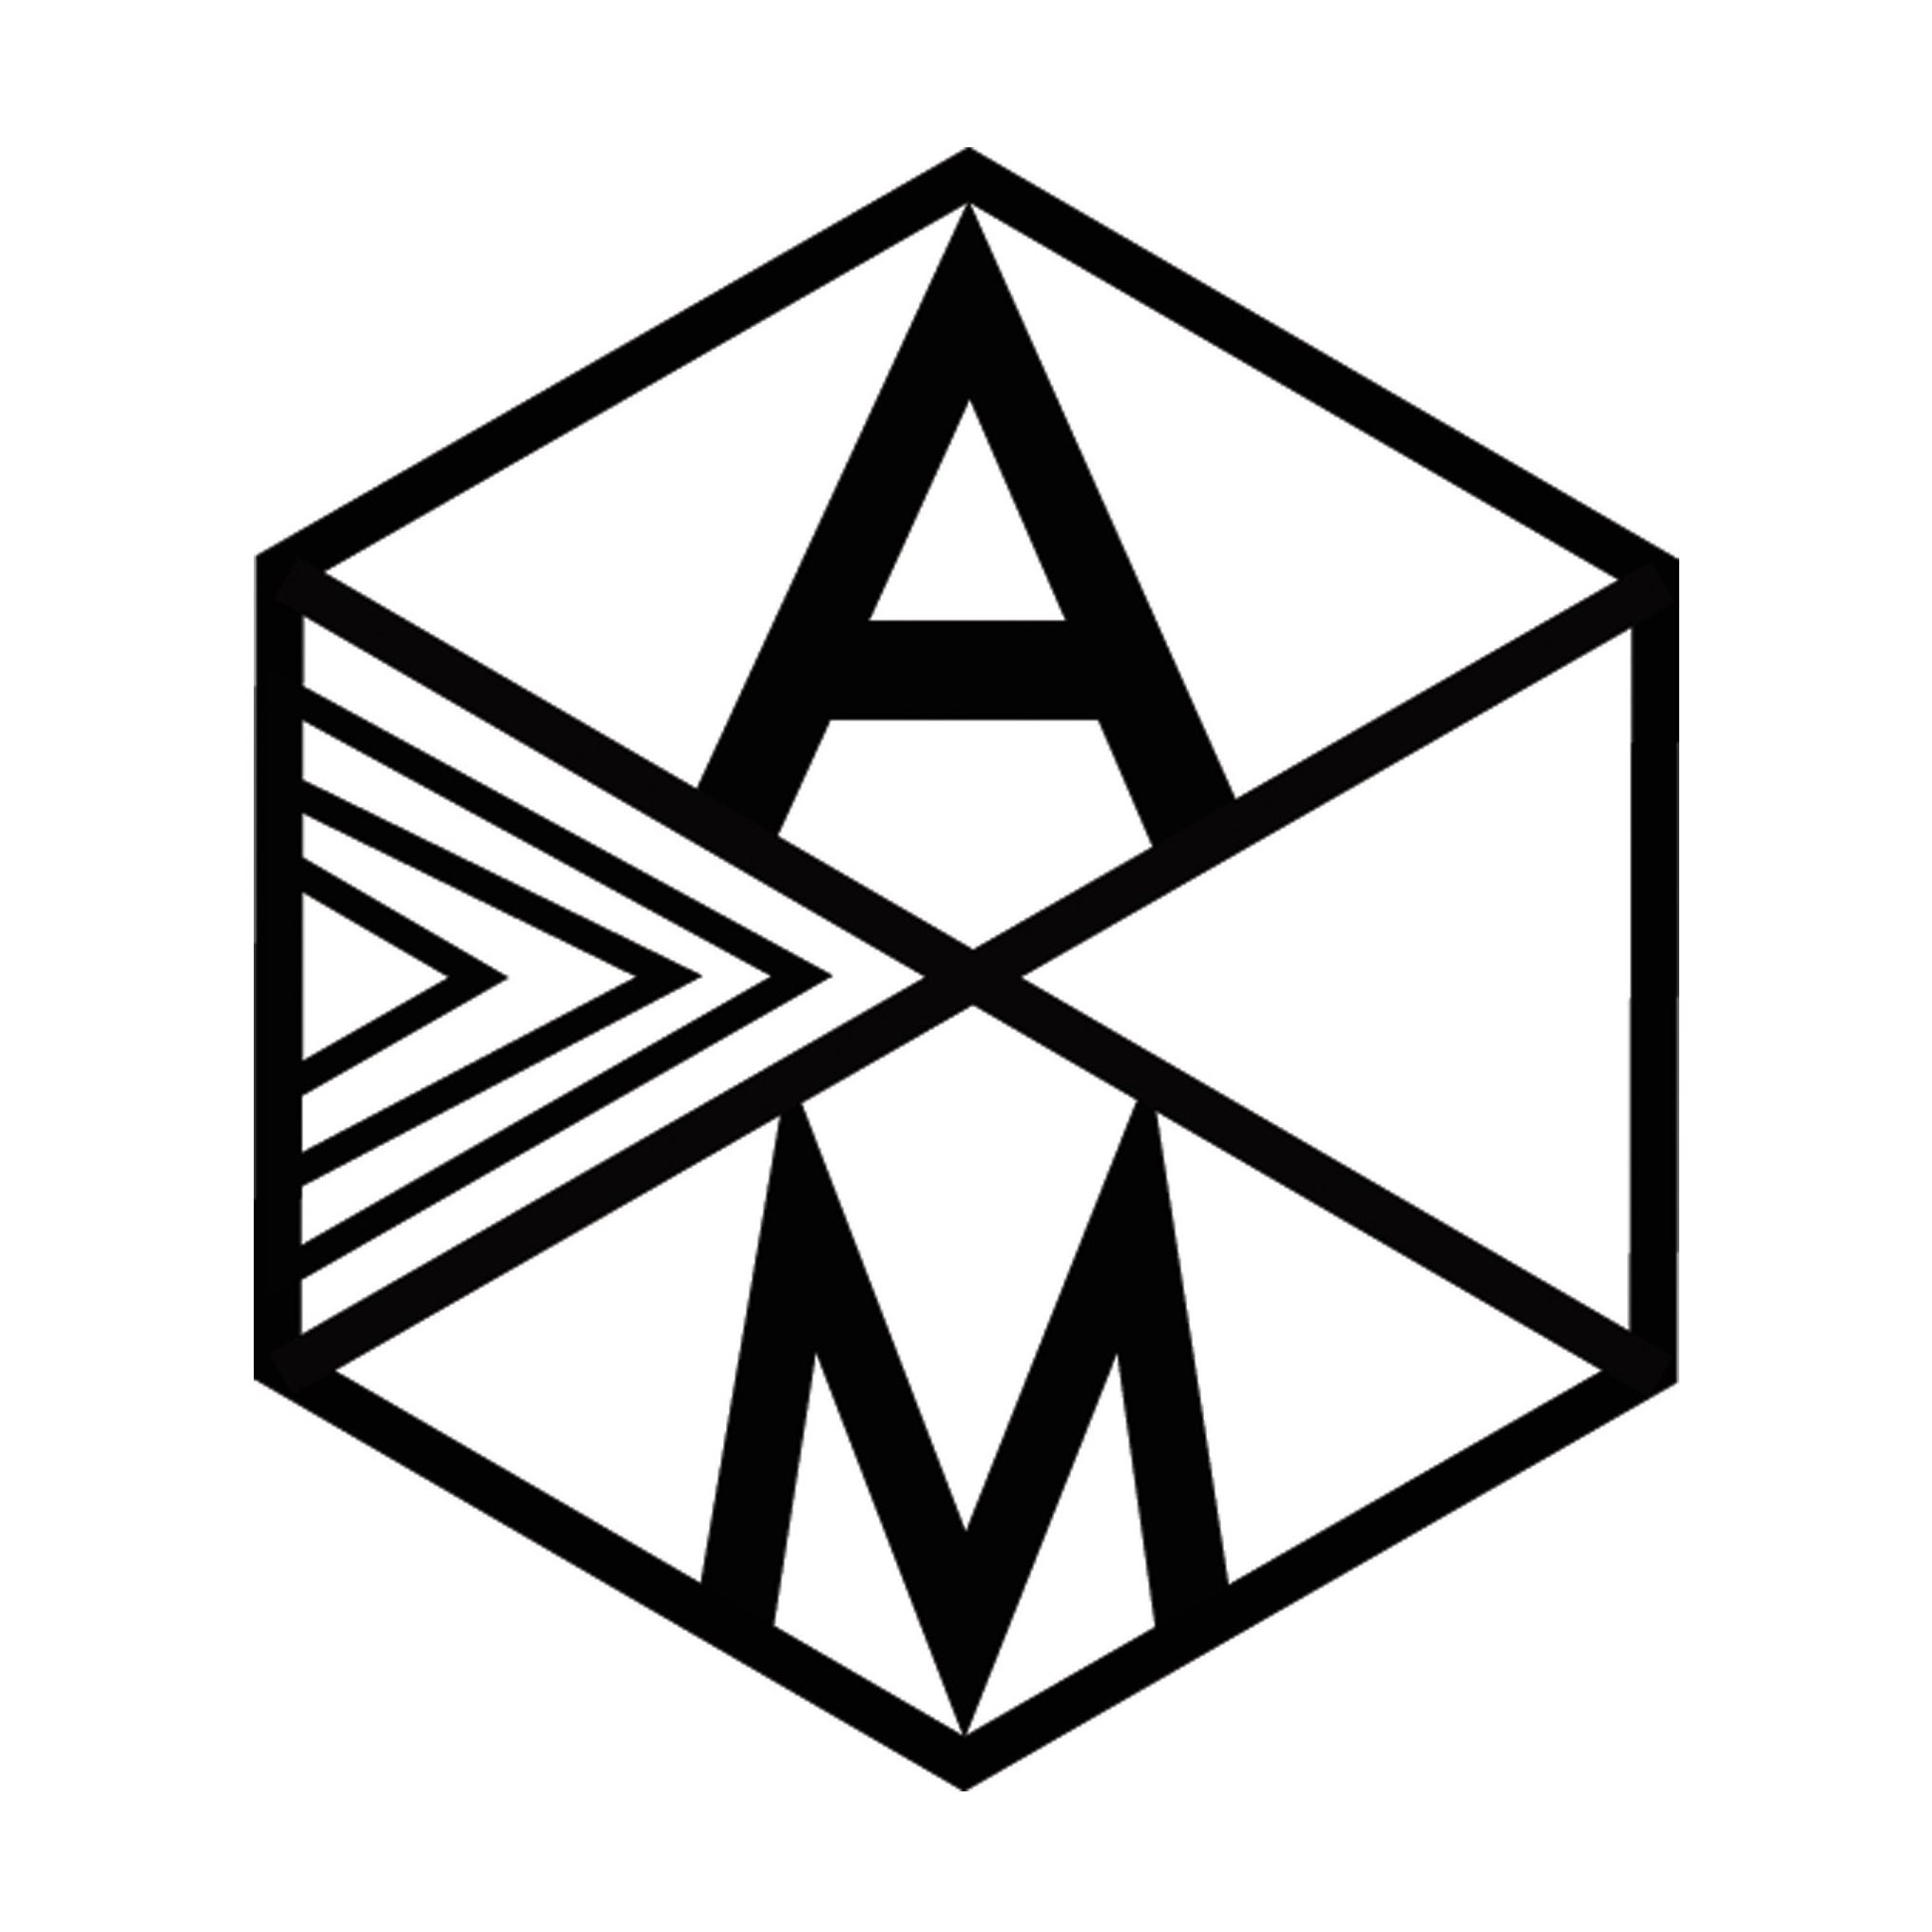 AdrianMartinus auf Etsy